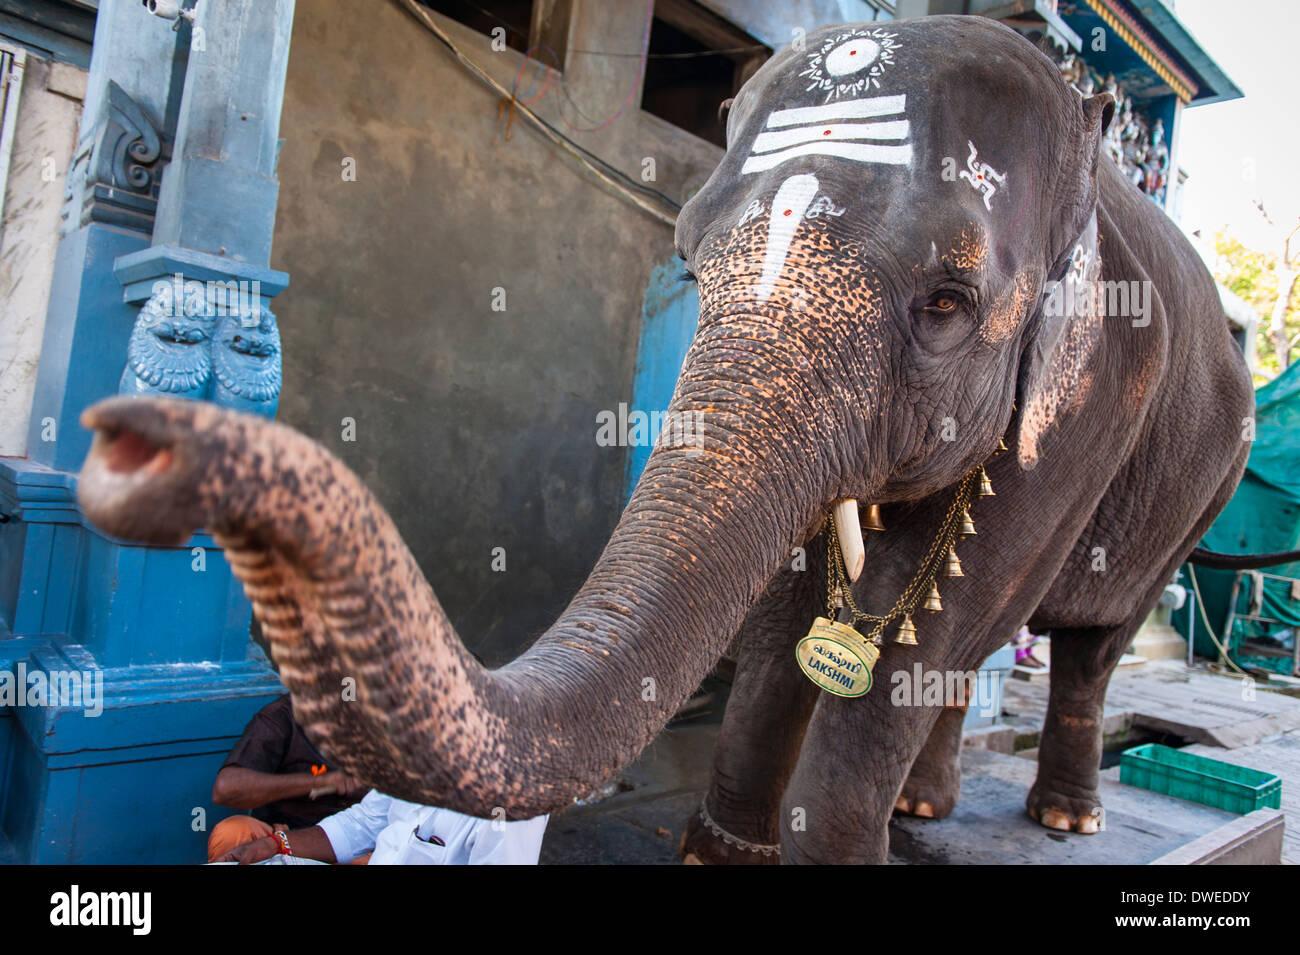 India Tamil Nadu Pondicherry Puducherry Manakula Vinayakar Temple Ganesh Ganesha Lakshmi The Elephant blesses worshipers religious deity head profile - Stock Image